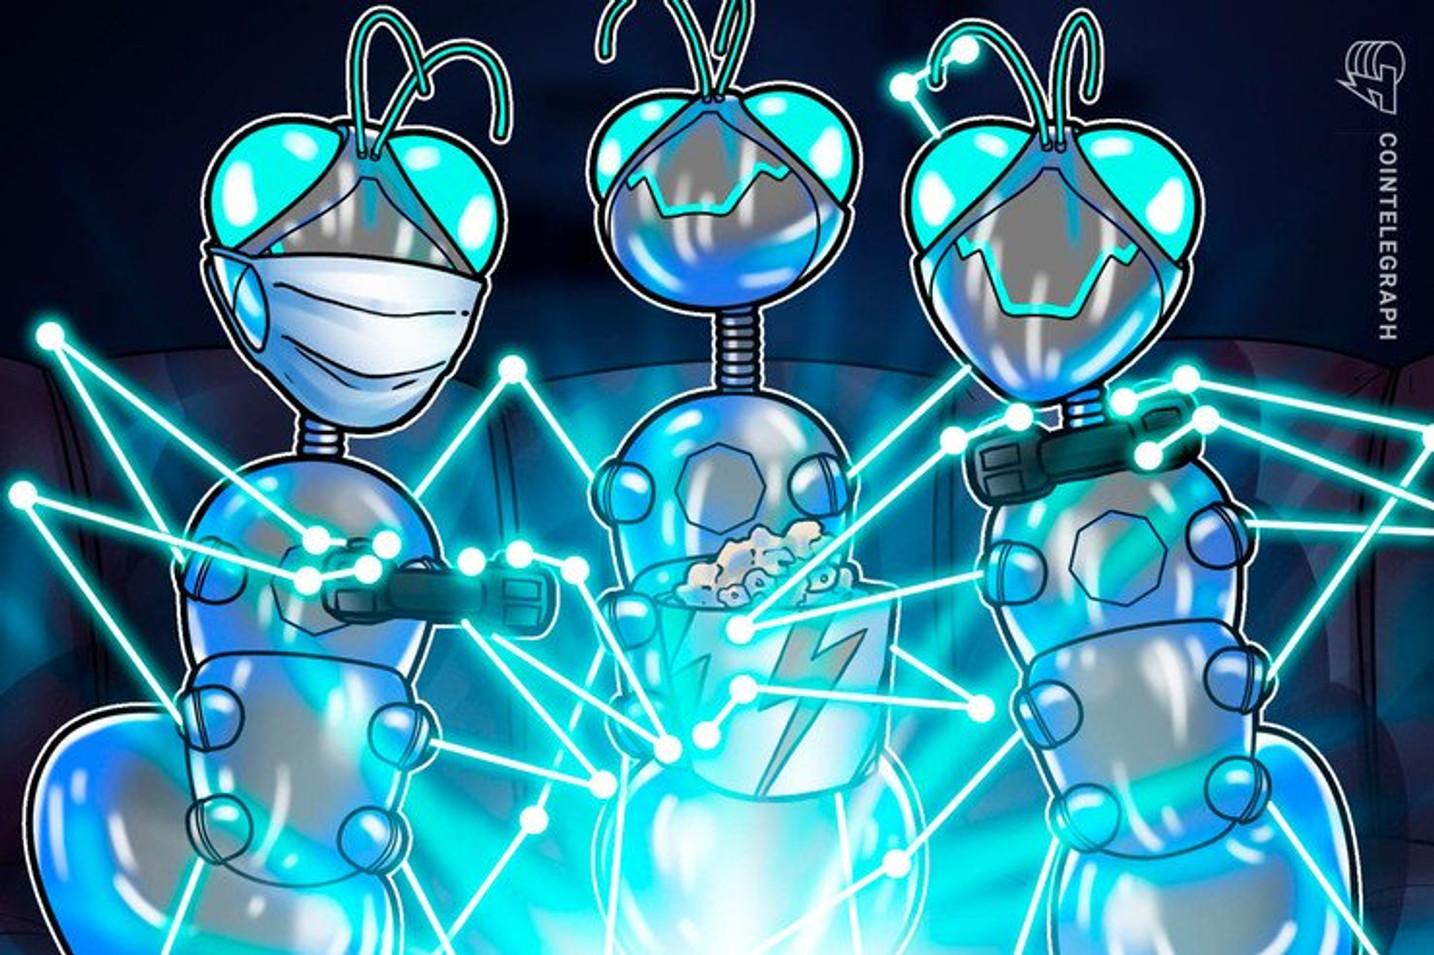 Desenvolvedor da Ethereum tokeniza a si próprio e consegue US$ 20 mil